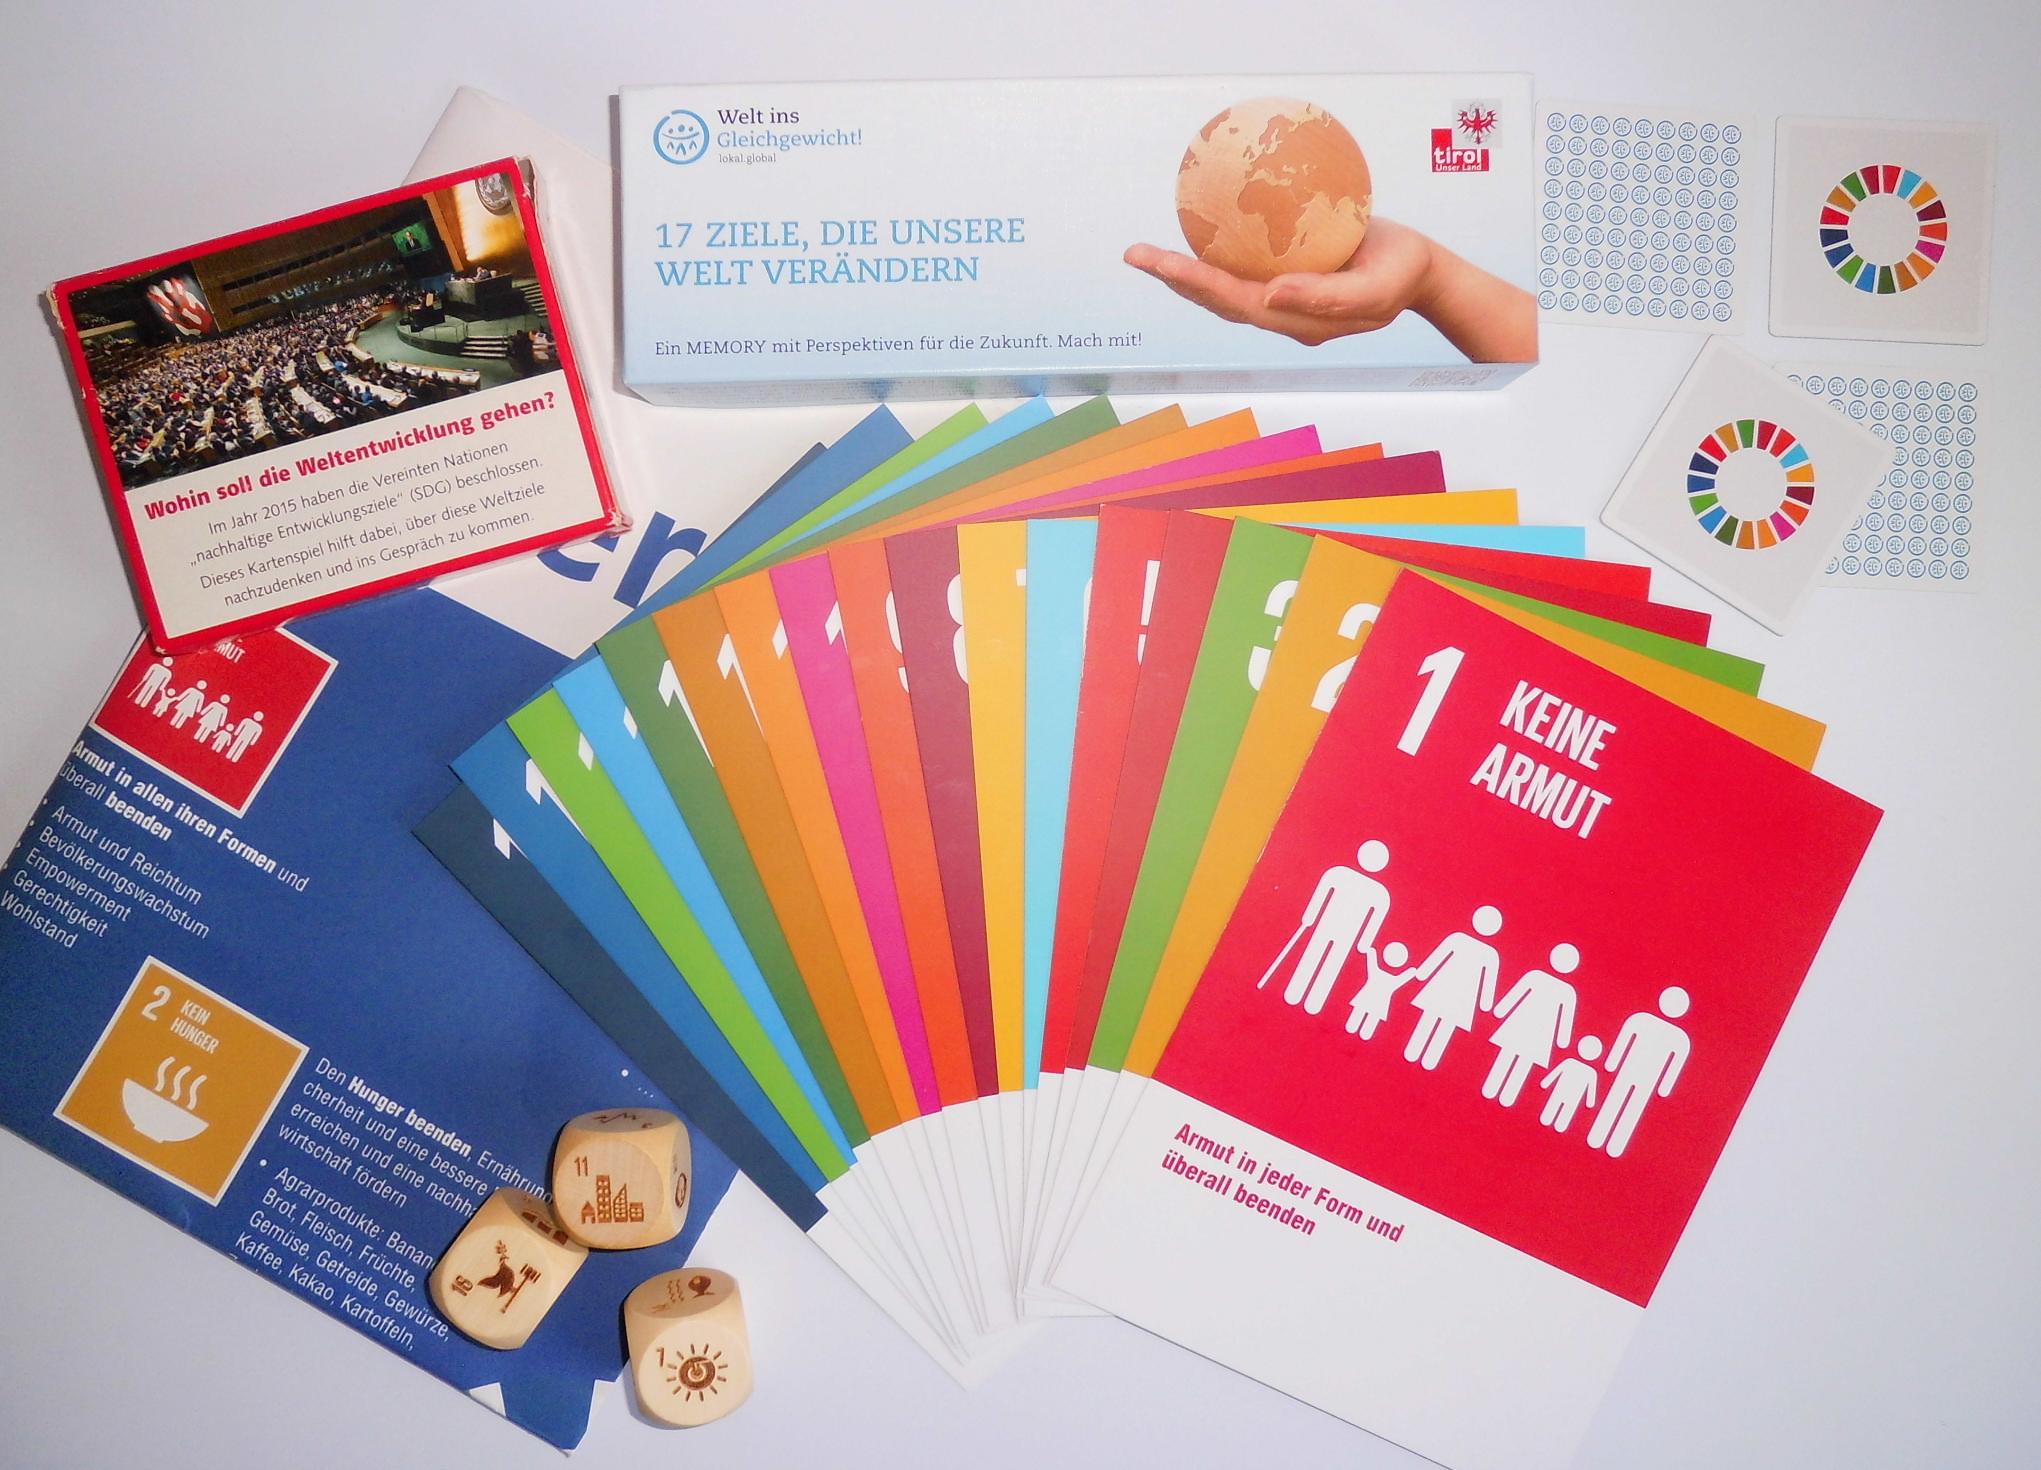 Aktionsmaterial des EPiZ Reutlingen zur Agenda 2030. Copyright: CC-BY-NC, Entwicklungspäadagogisches Informationszentrum Reutlingen und Bildung trifft Entwicklung